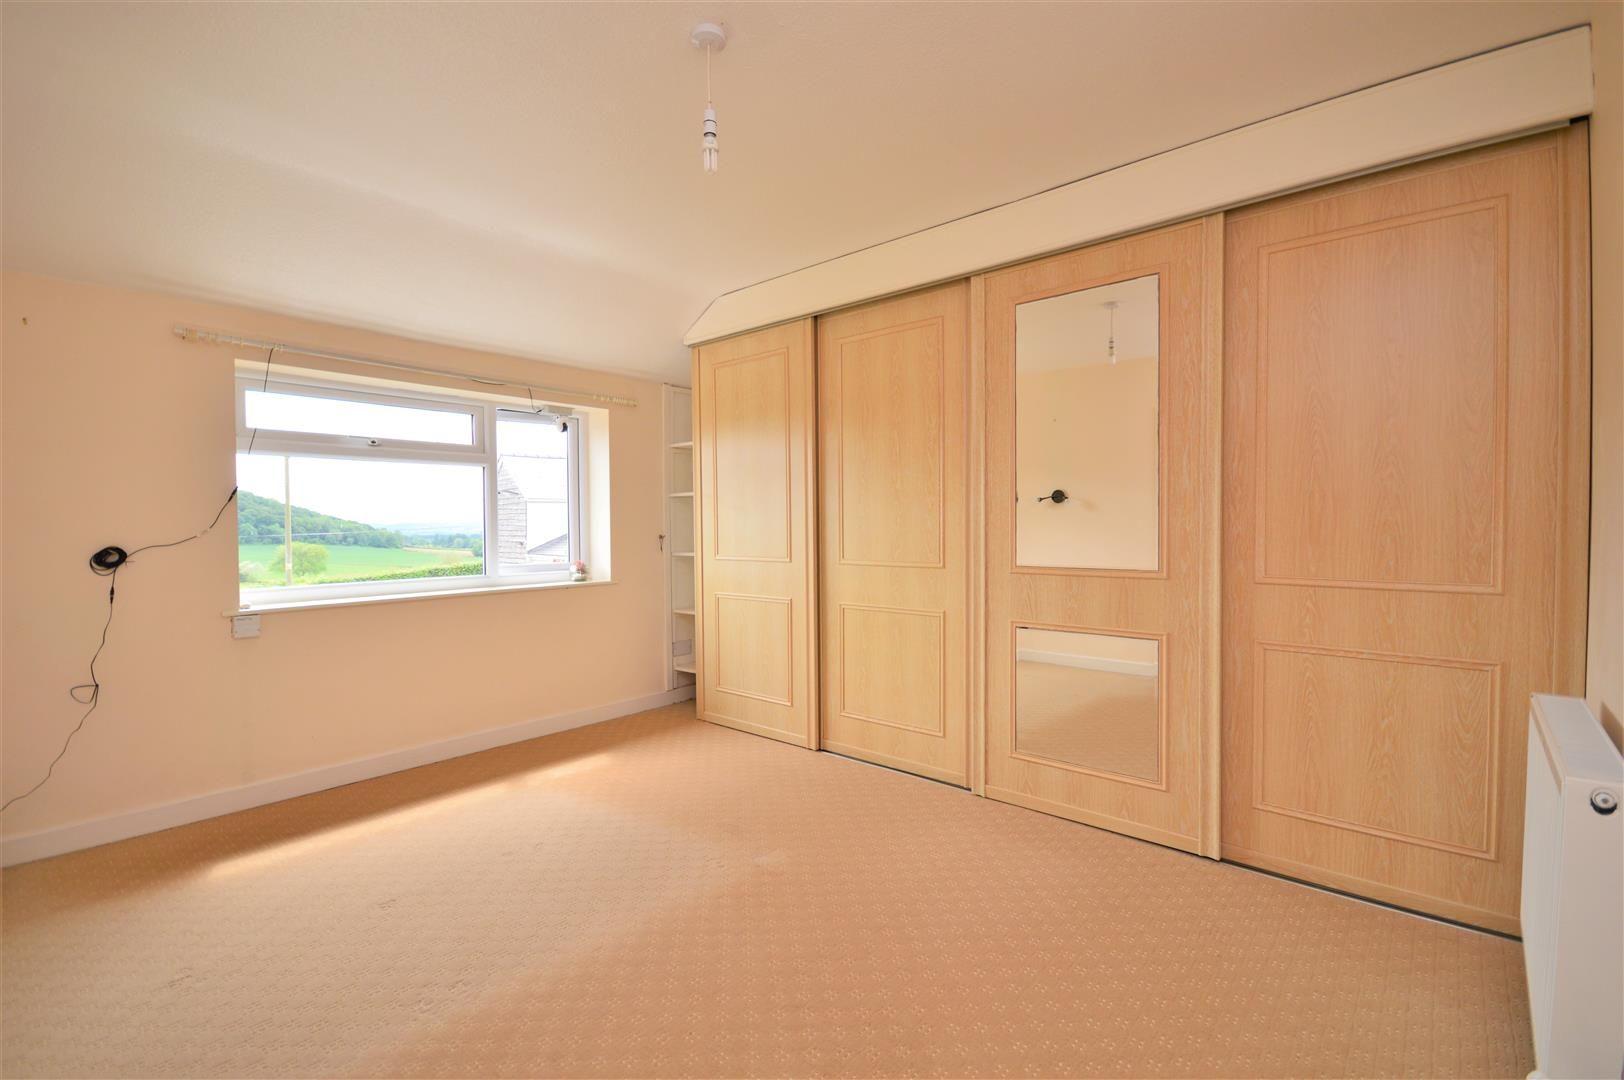 4 bed detached for sale in Tillington  - Property Image 12